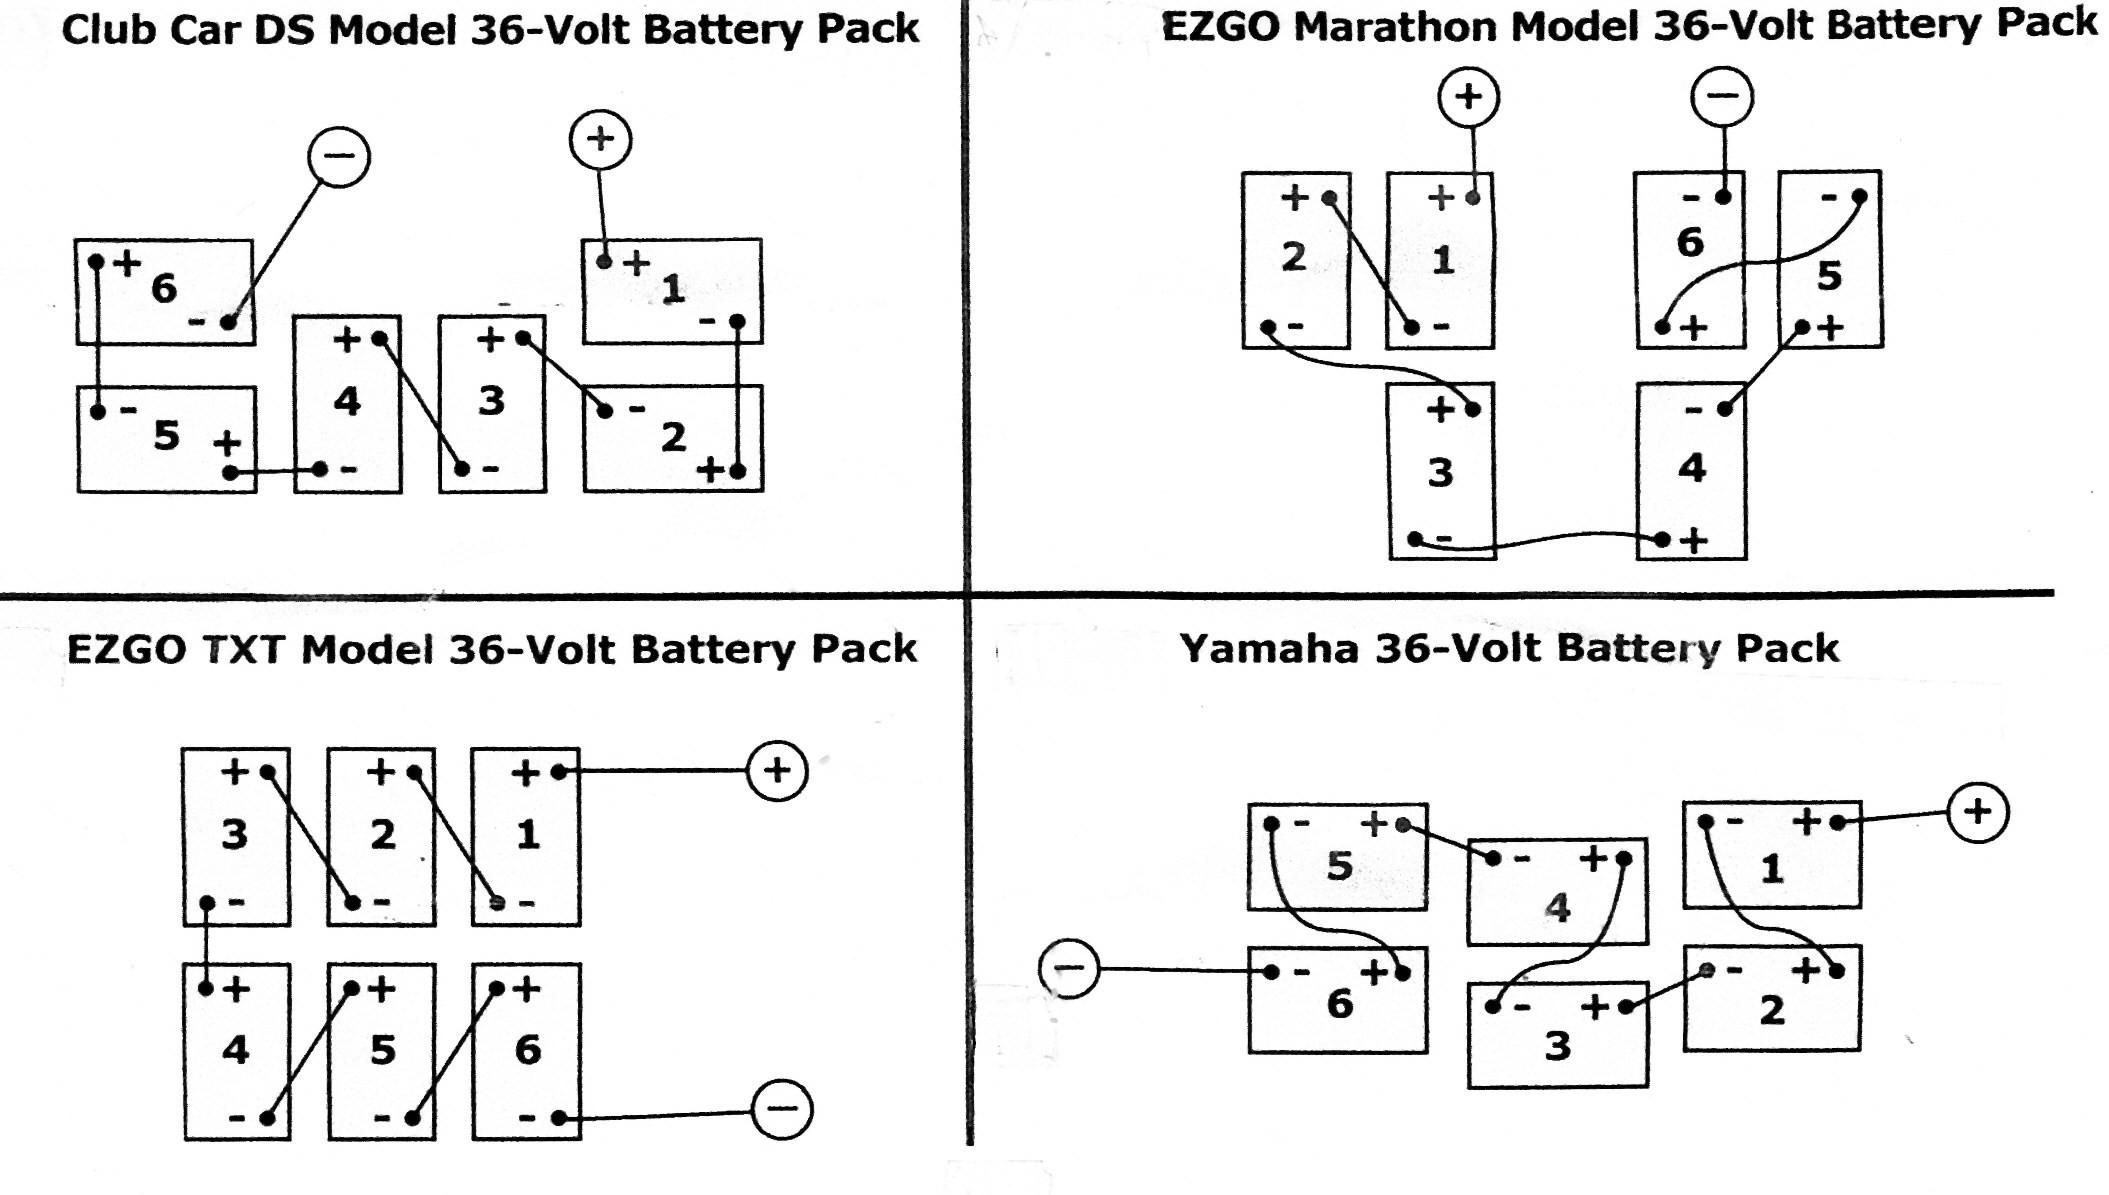 beautiful club car wiring diagram 36 volt 61 for 1995 jeep grand 1995 gas club car